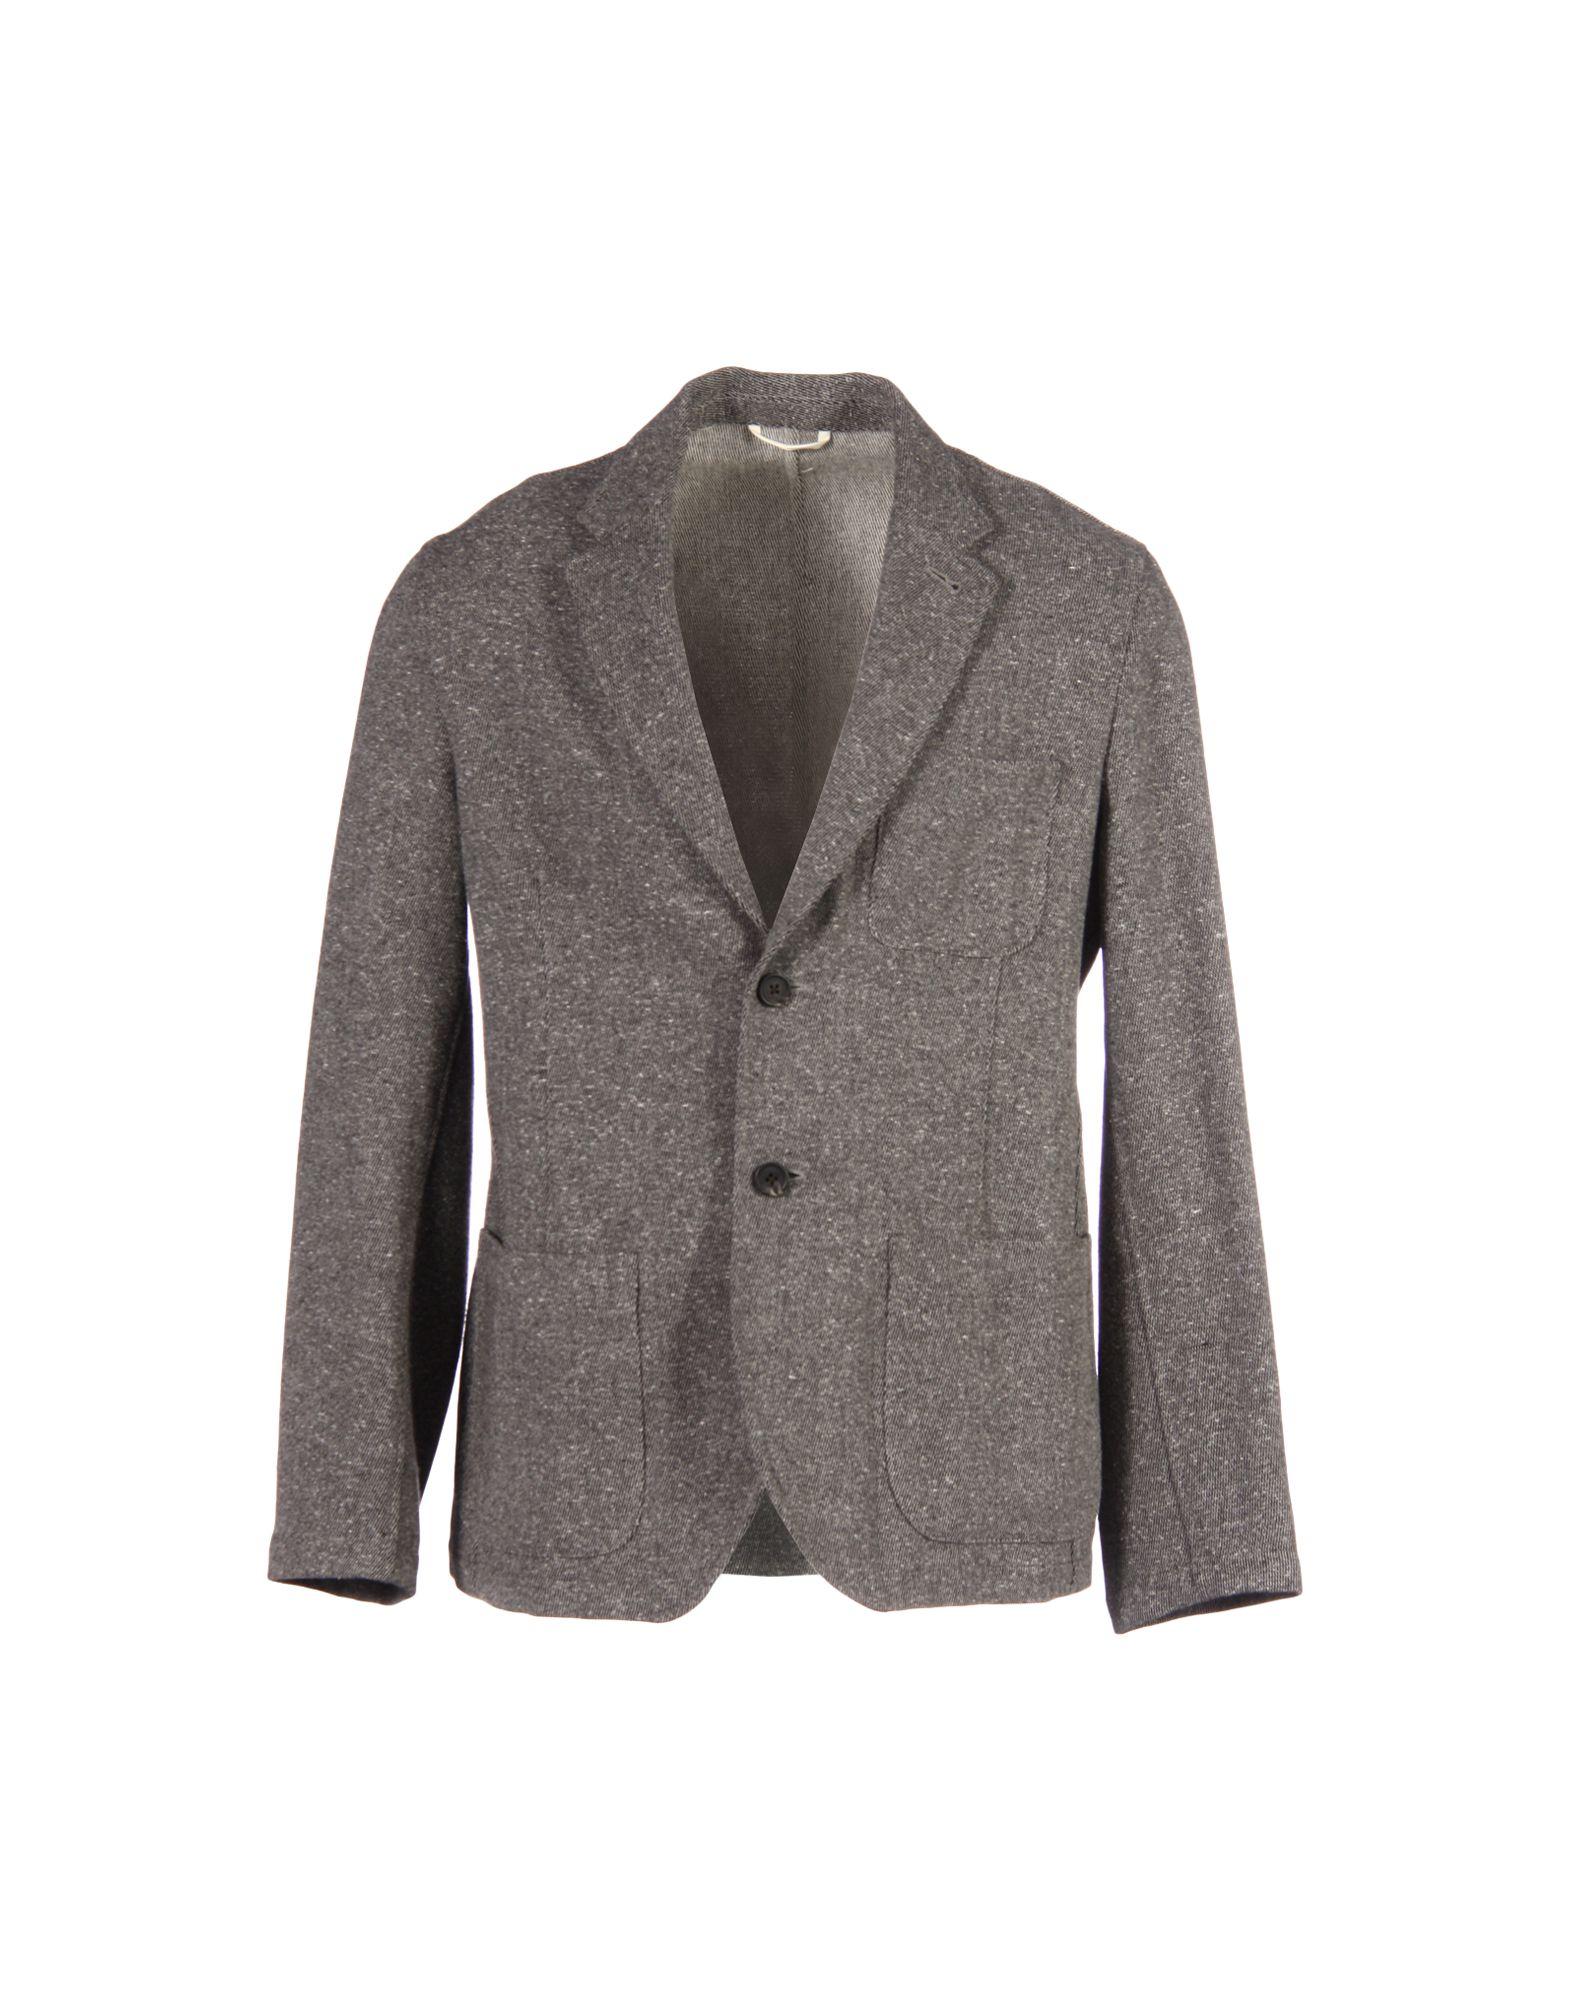 CADET Blazers in Grey